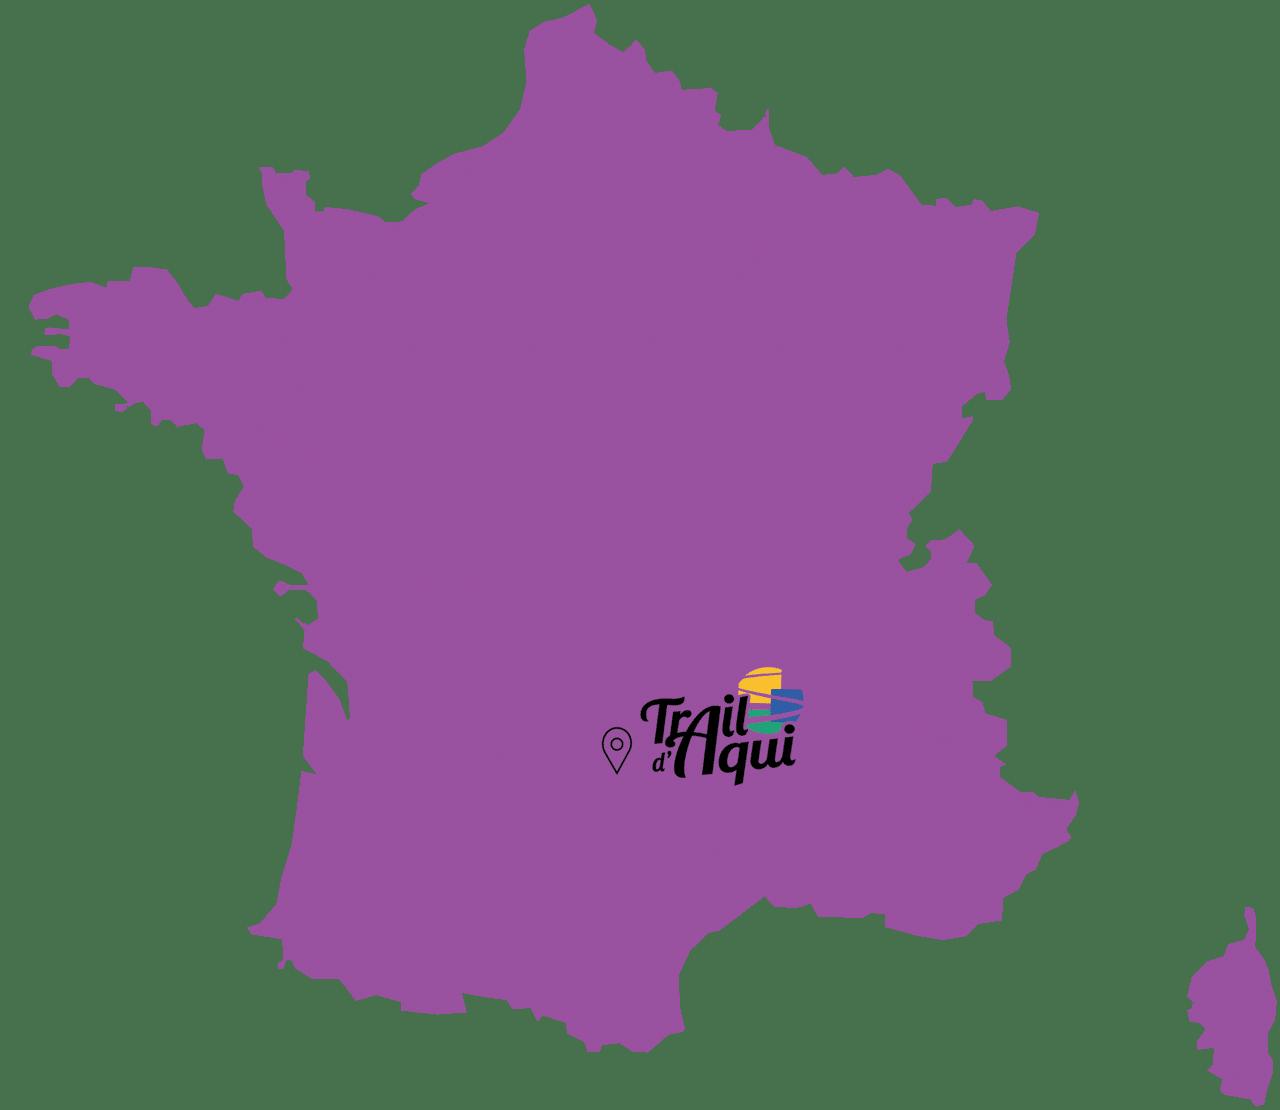 Position France duTrail d'Aqui est l'espace trail de la Communauté de Communes Comtal Lot Truyère. 21 parcours (Bessuéjouls, Bozouls, Campuac, Coubisou, Entraygues, Espalion, Espeyrac, Estaing, Gabriac, Golinhac, La Loubière, Lassouts, Le Cayrol, Le Fel, Le Nayrac, Montrozier, Rodelle, Saint-Côme-d'Olt, Saint-Hippolyte, Sébrazac, Villecomtal) et 2 parcours demi-kilomètre vertical permettent de découvrir plus de 500 kilomètres de chemins et monotraces.